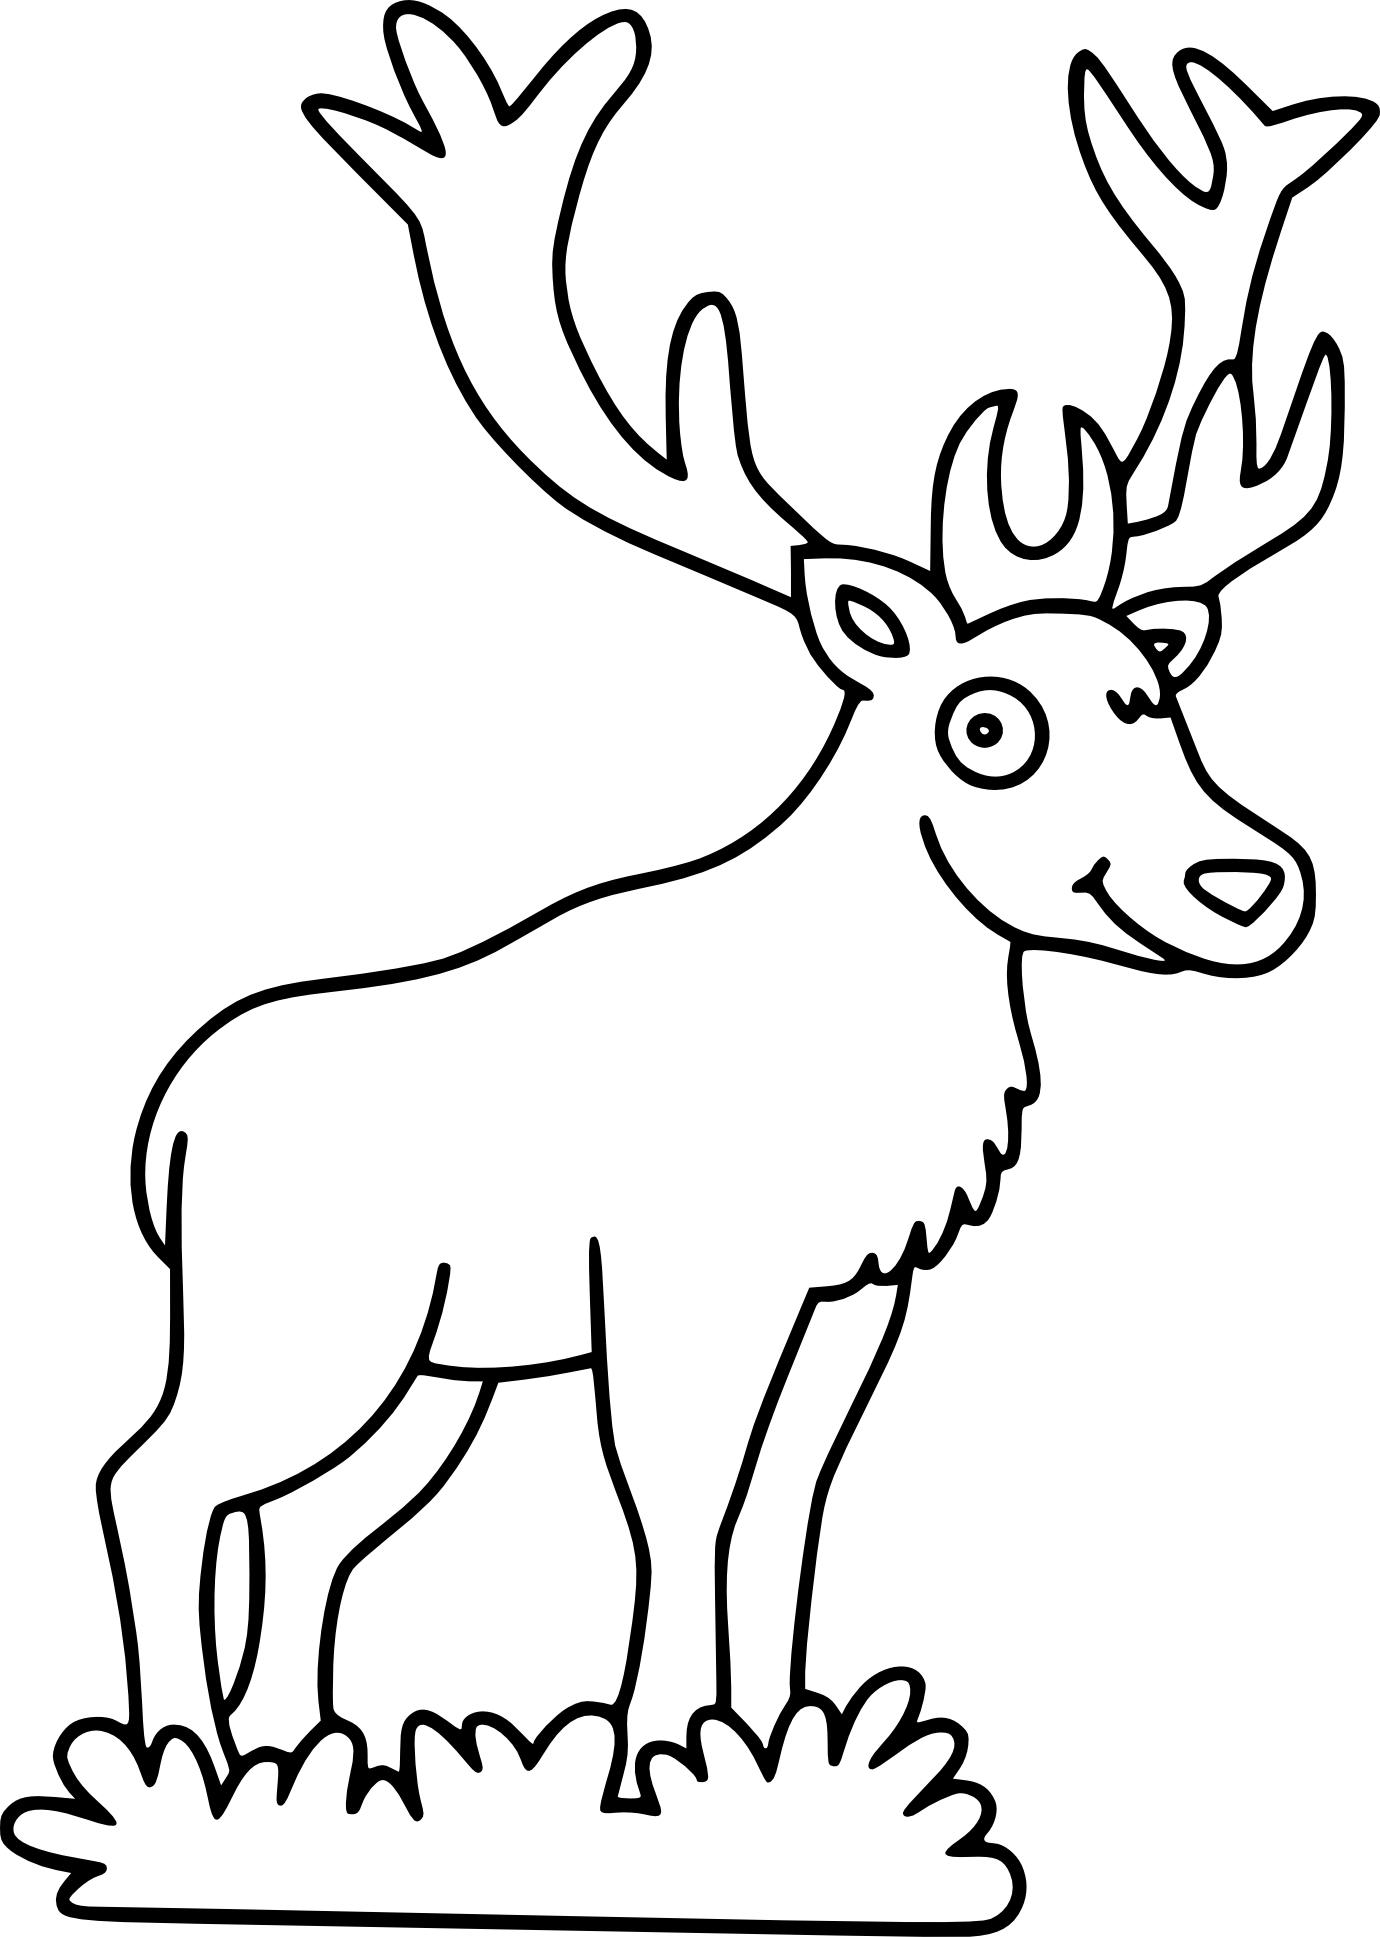 Coloriage cerf et dessin imprimer - Dessin geometrique a colorier ...